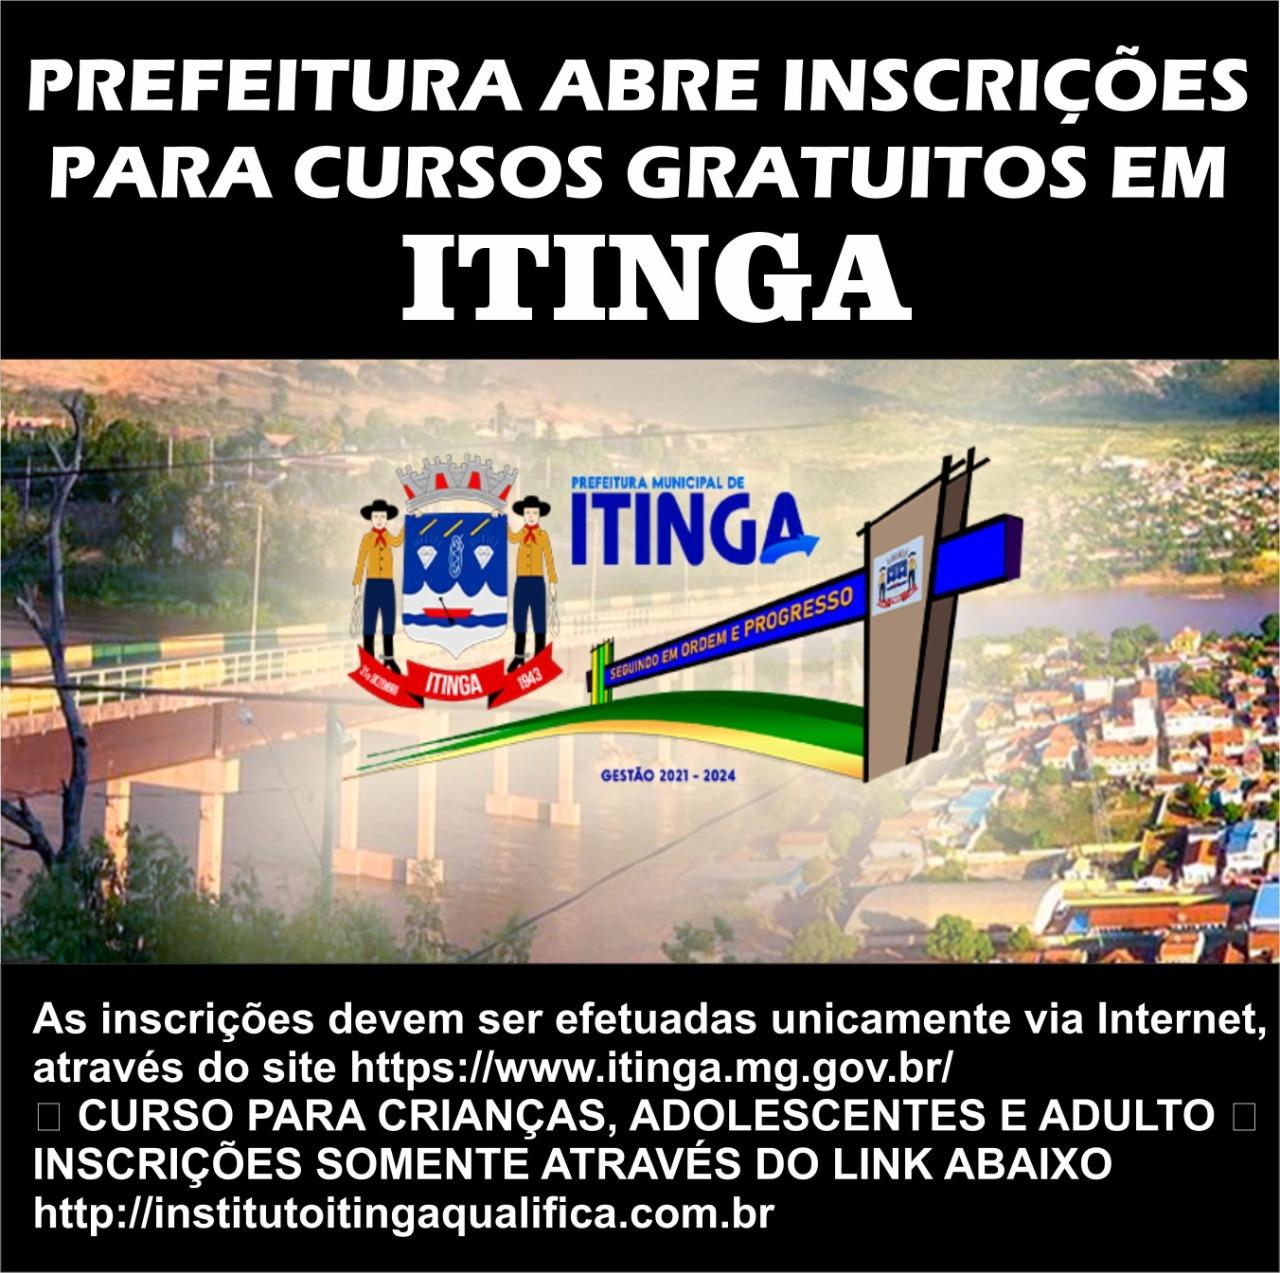 CURSOS GRATUITOS EM ITINGA-MG